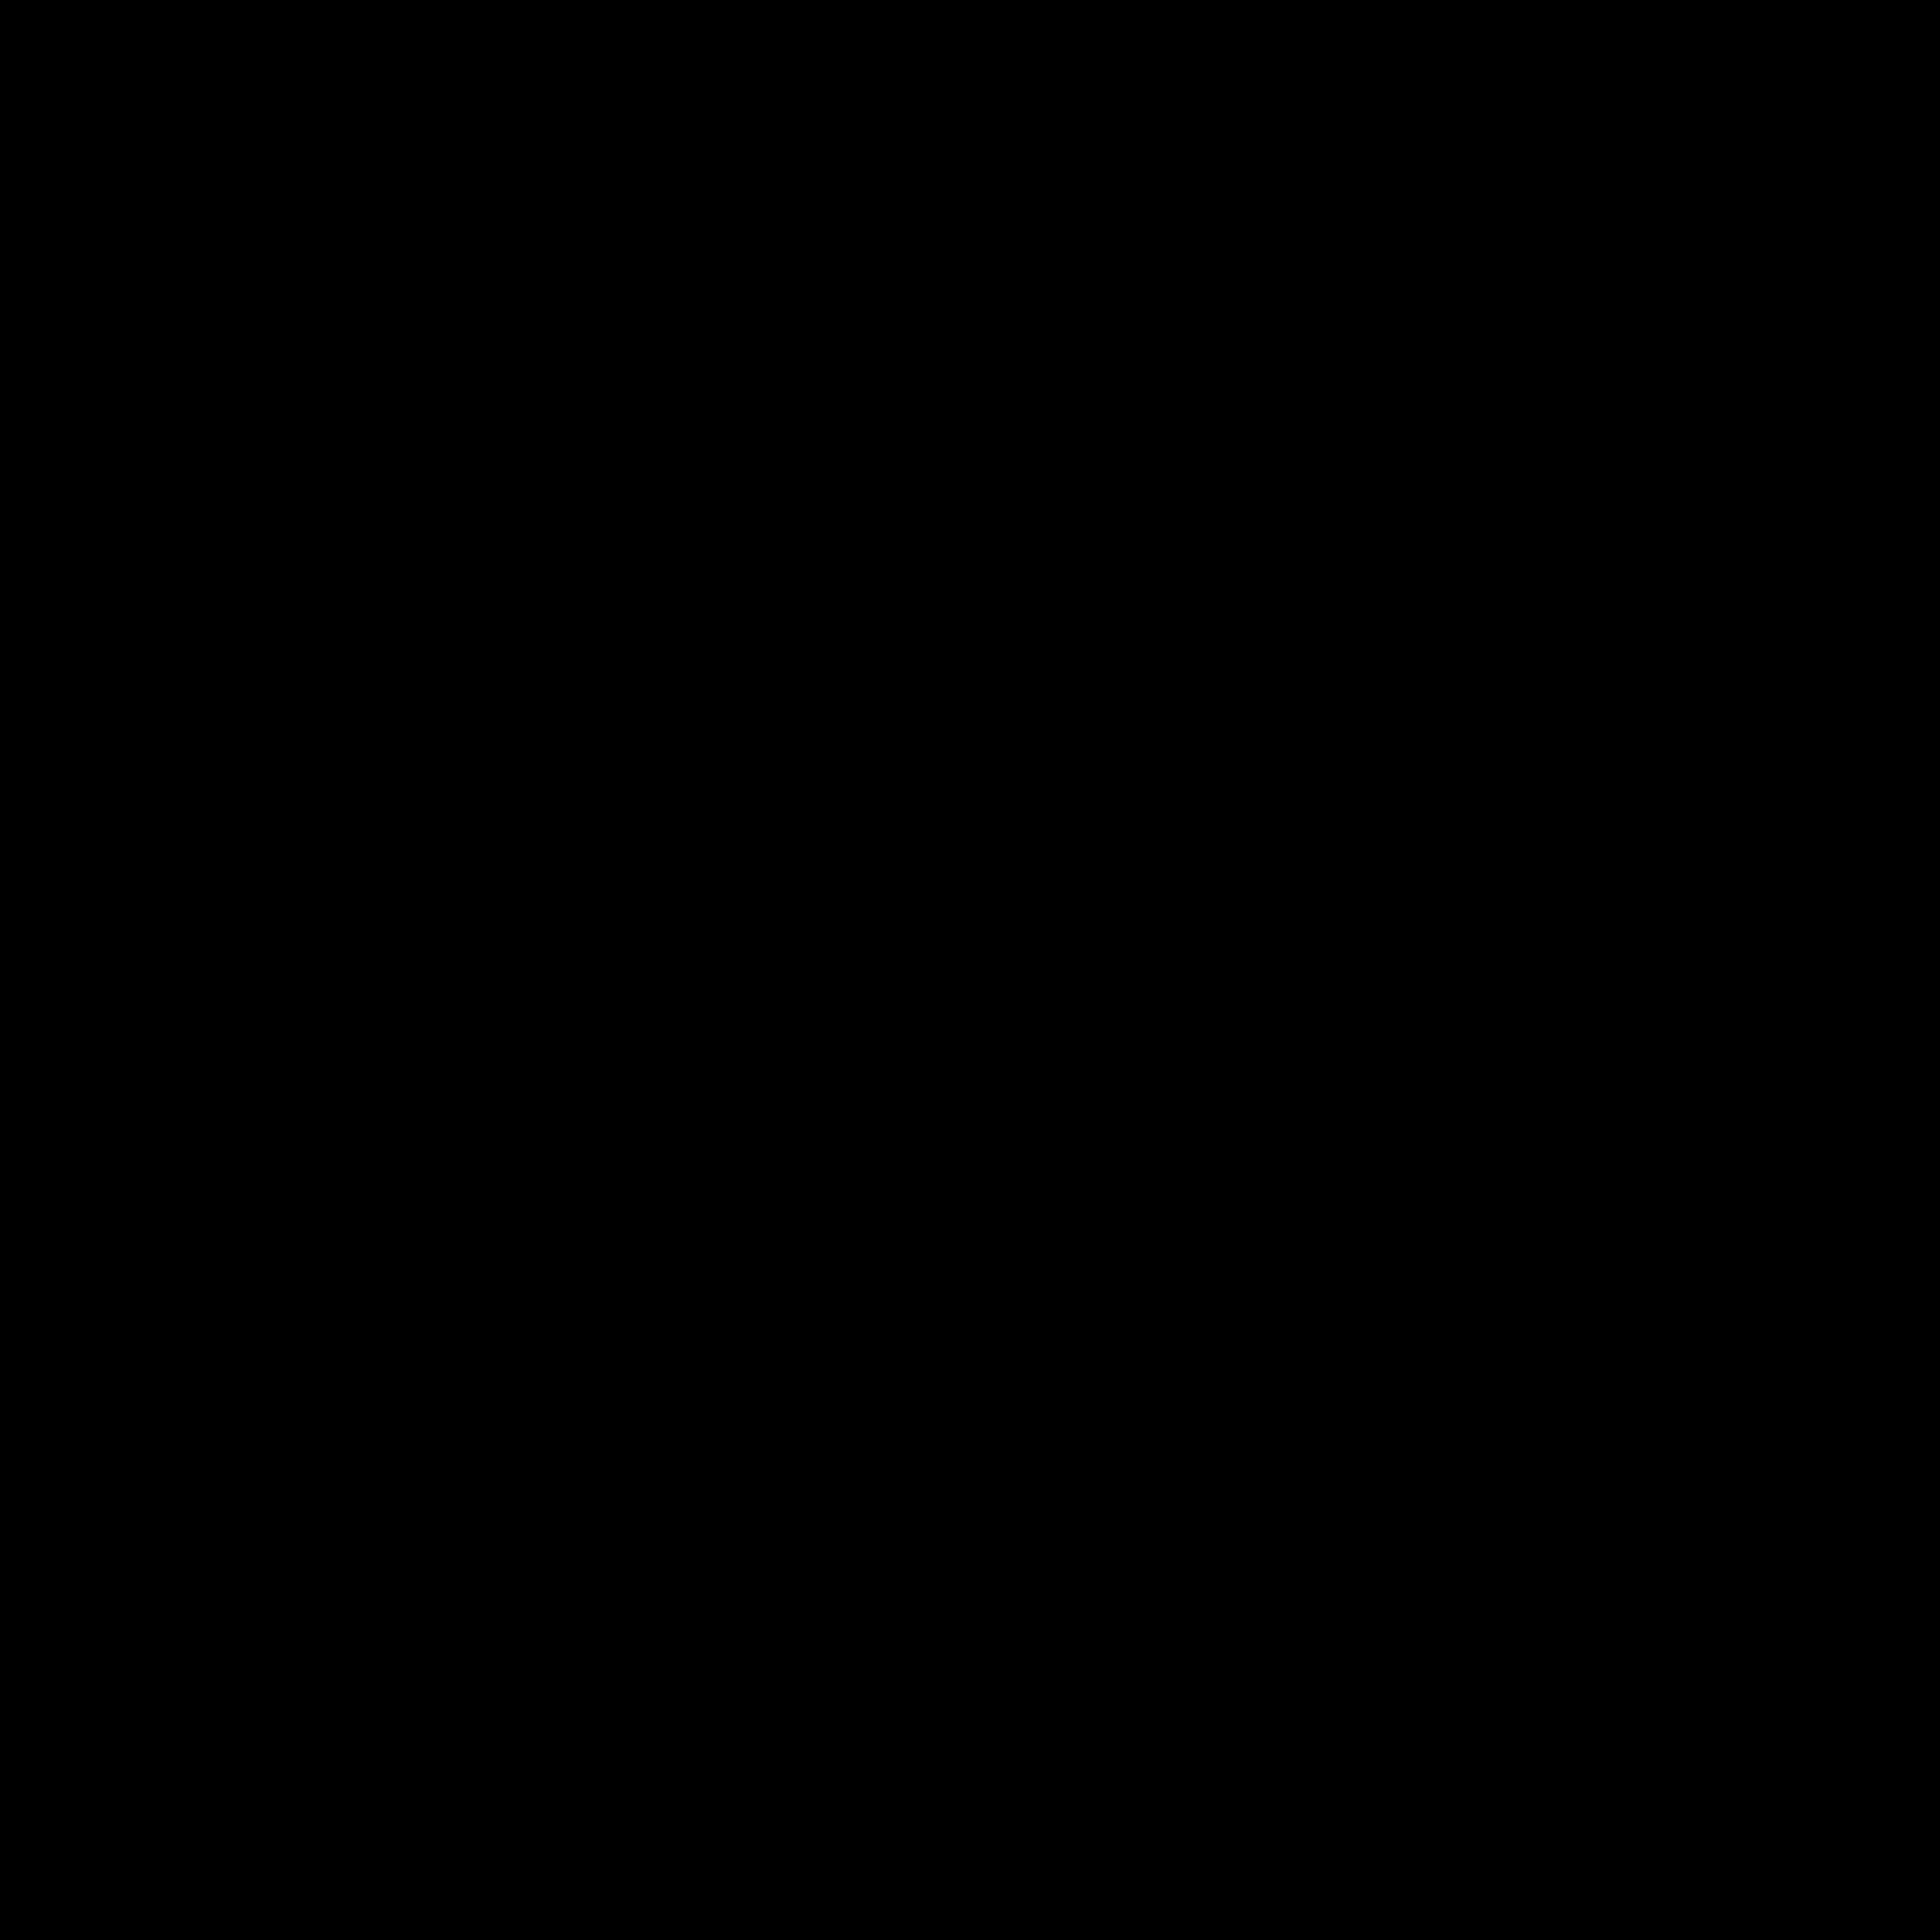 Buy Stonehenge Models: T4 outside  - Trilithon Four of Stonehenge -